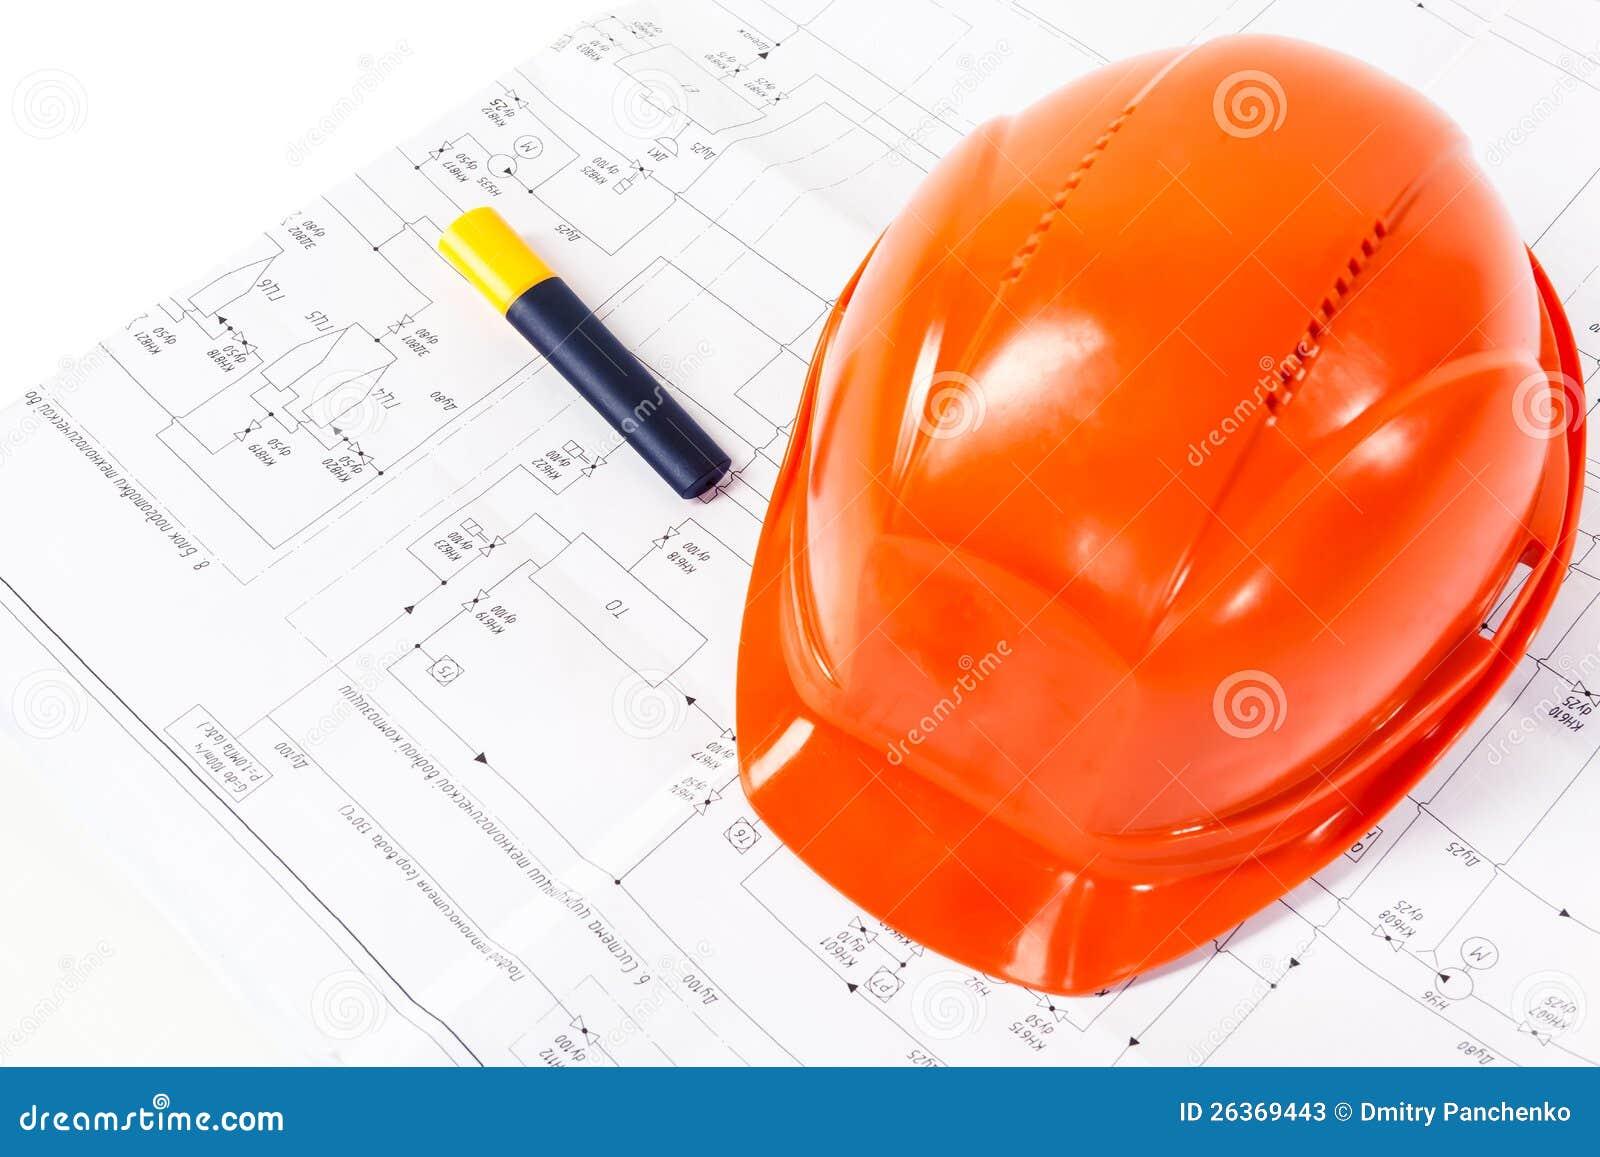 Αρχιτεκτονικά σχέδια και πορτοκαλί κράνος